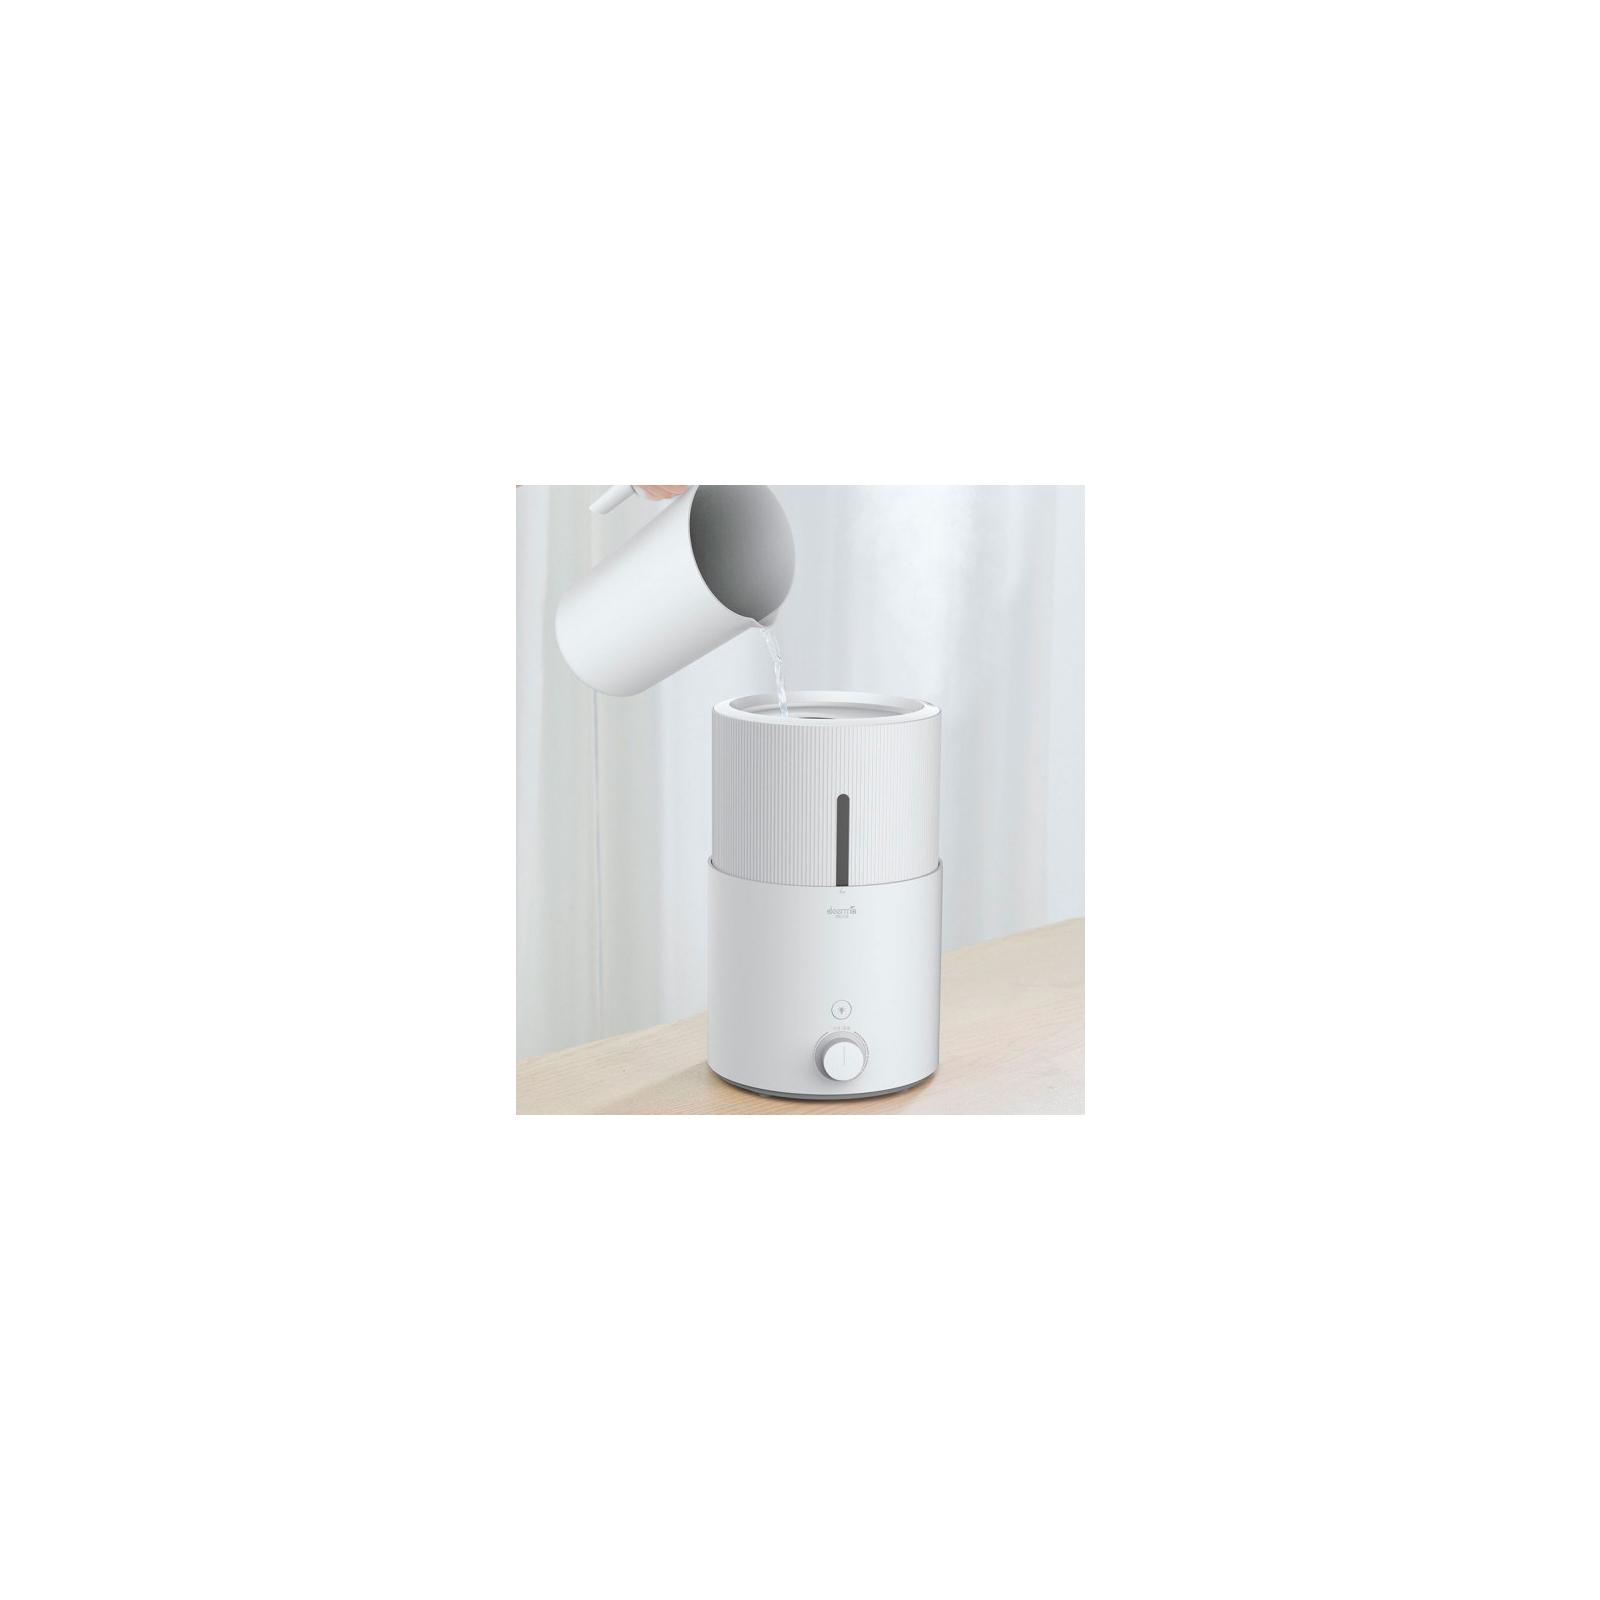 Увлажнитель воздуха Deerma Humidifier White (DEM-SJS100) изображение 4